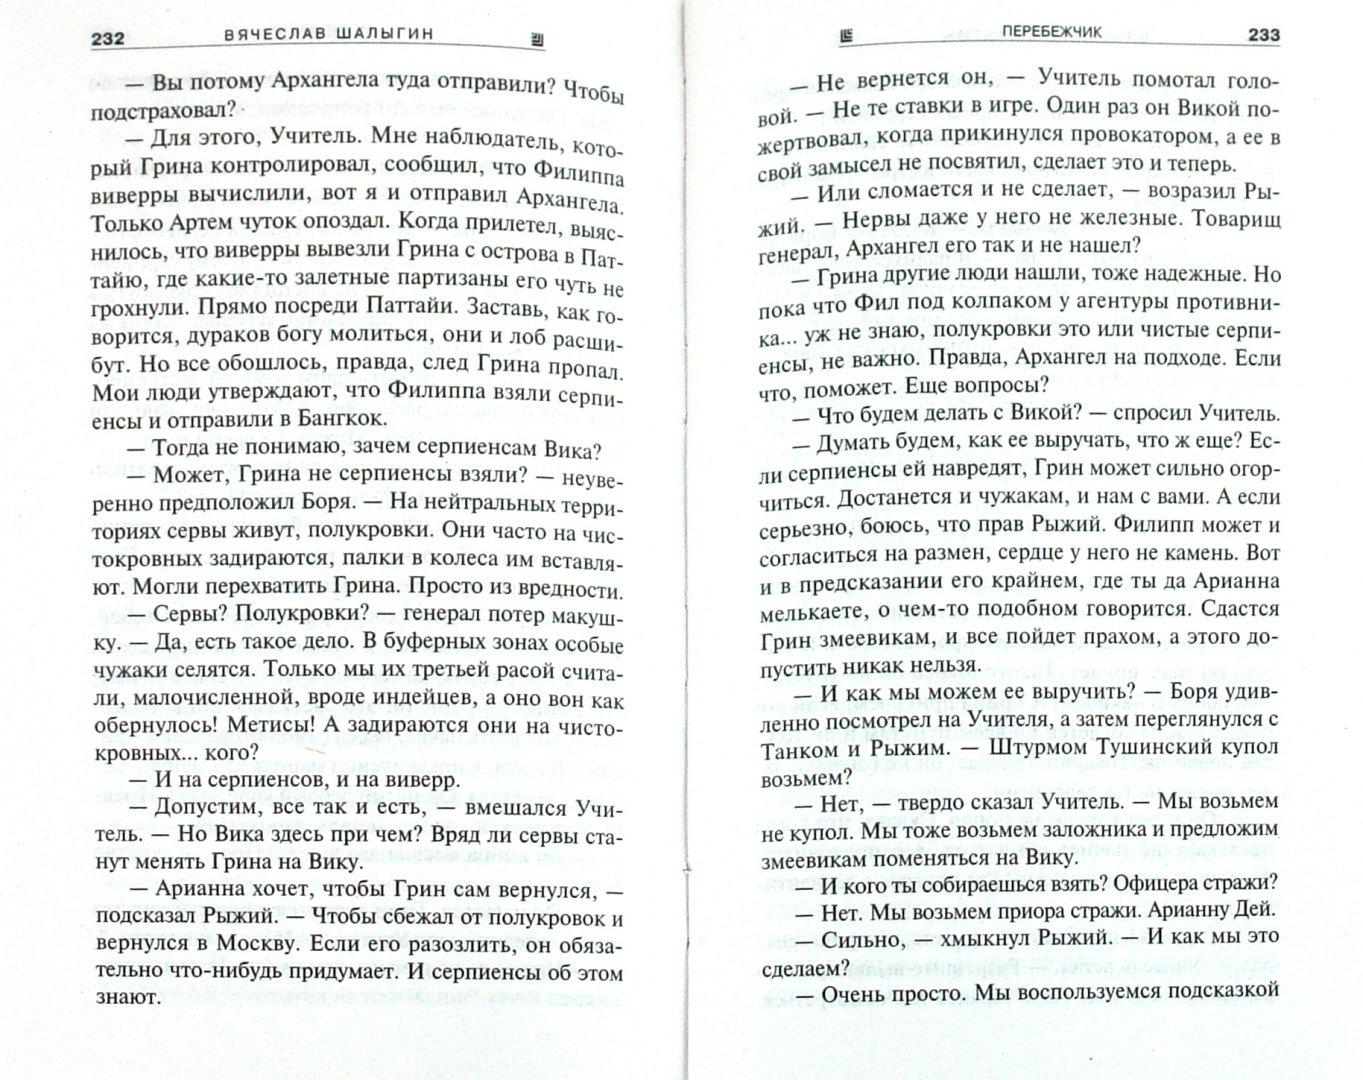 Иллюстрация 1 из 6 для Перебежчик - Вячеслав Шалыгин | Лабиринт - книги. Источник: Лабиринт